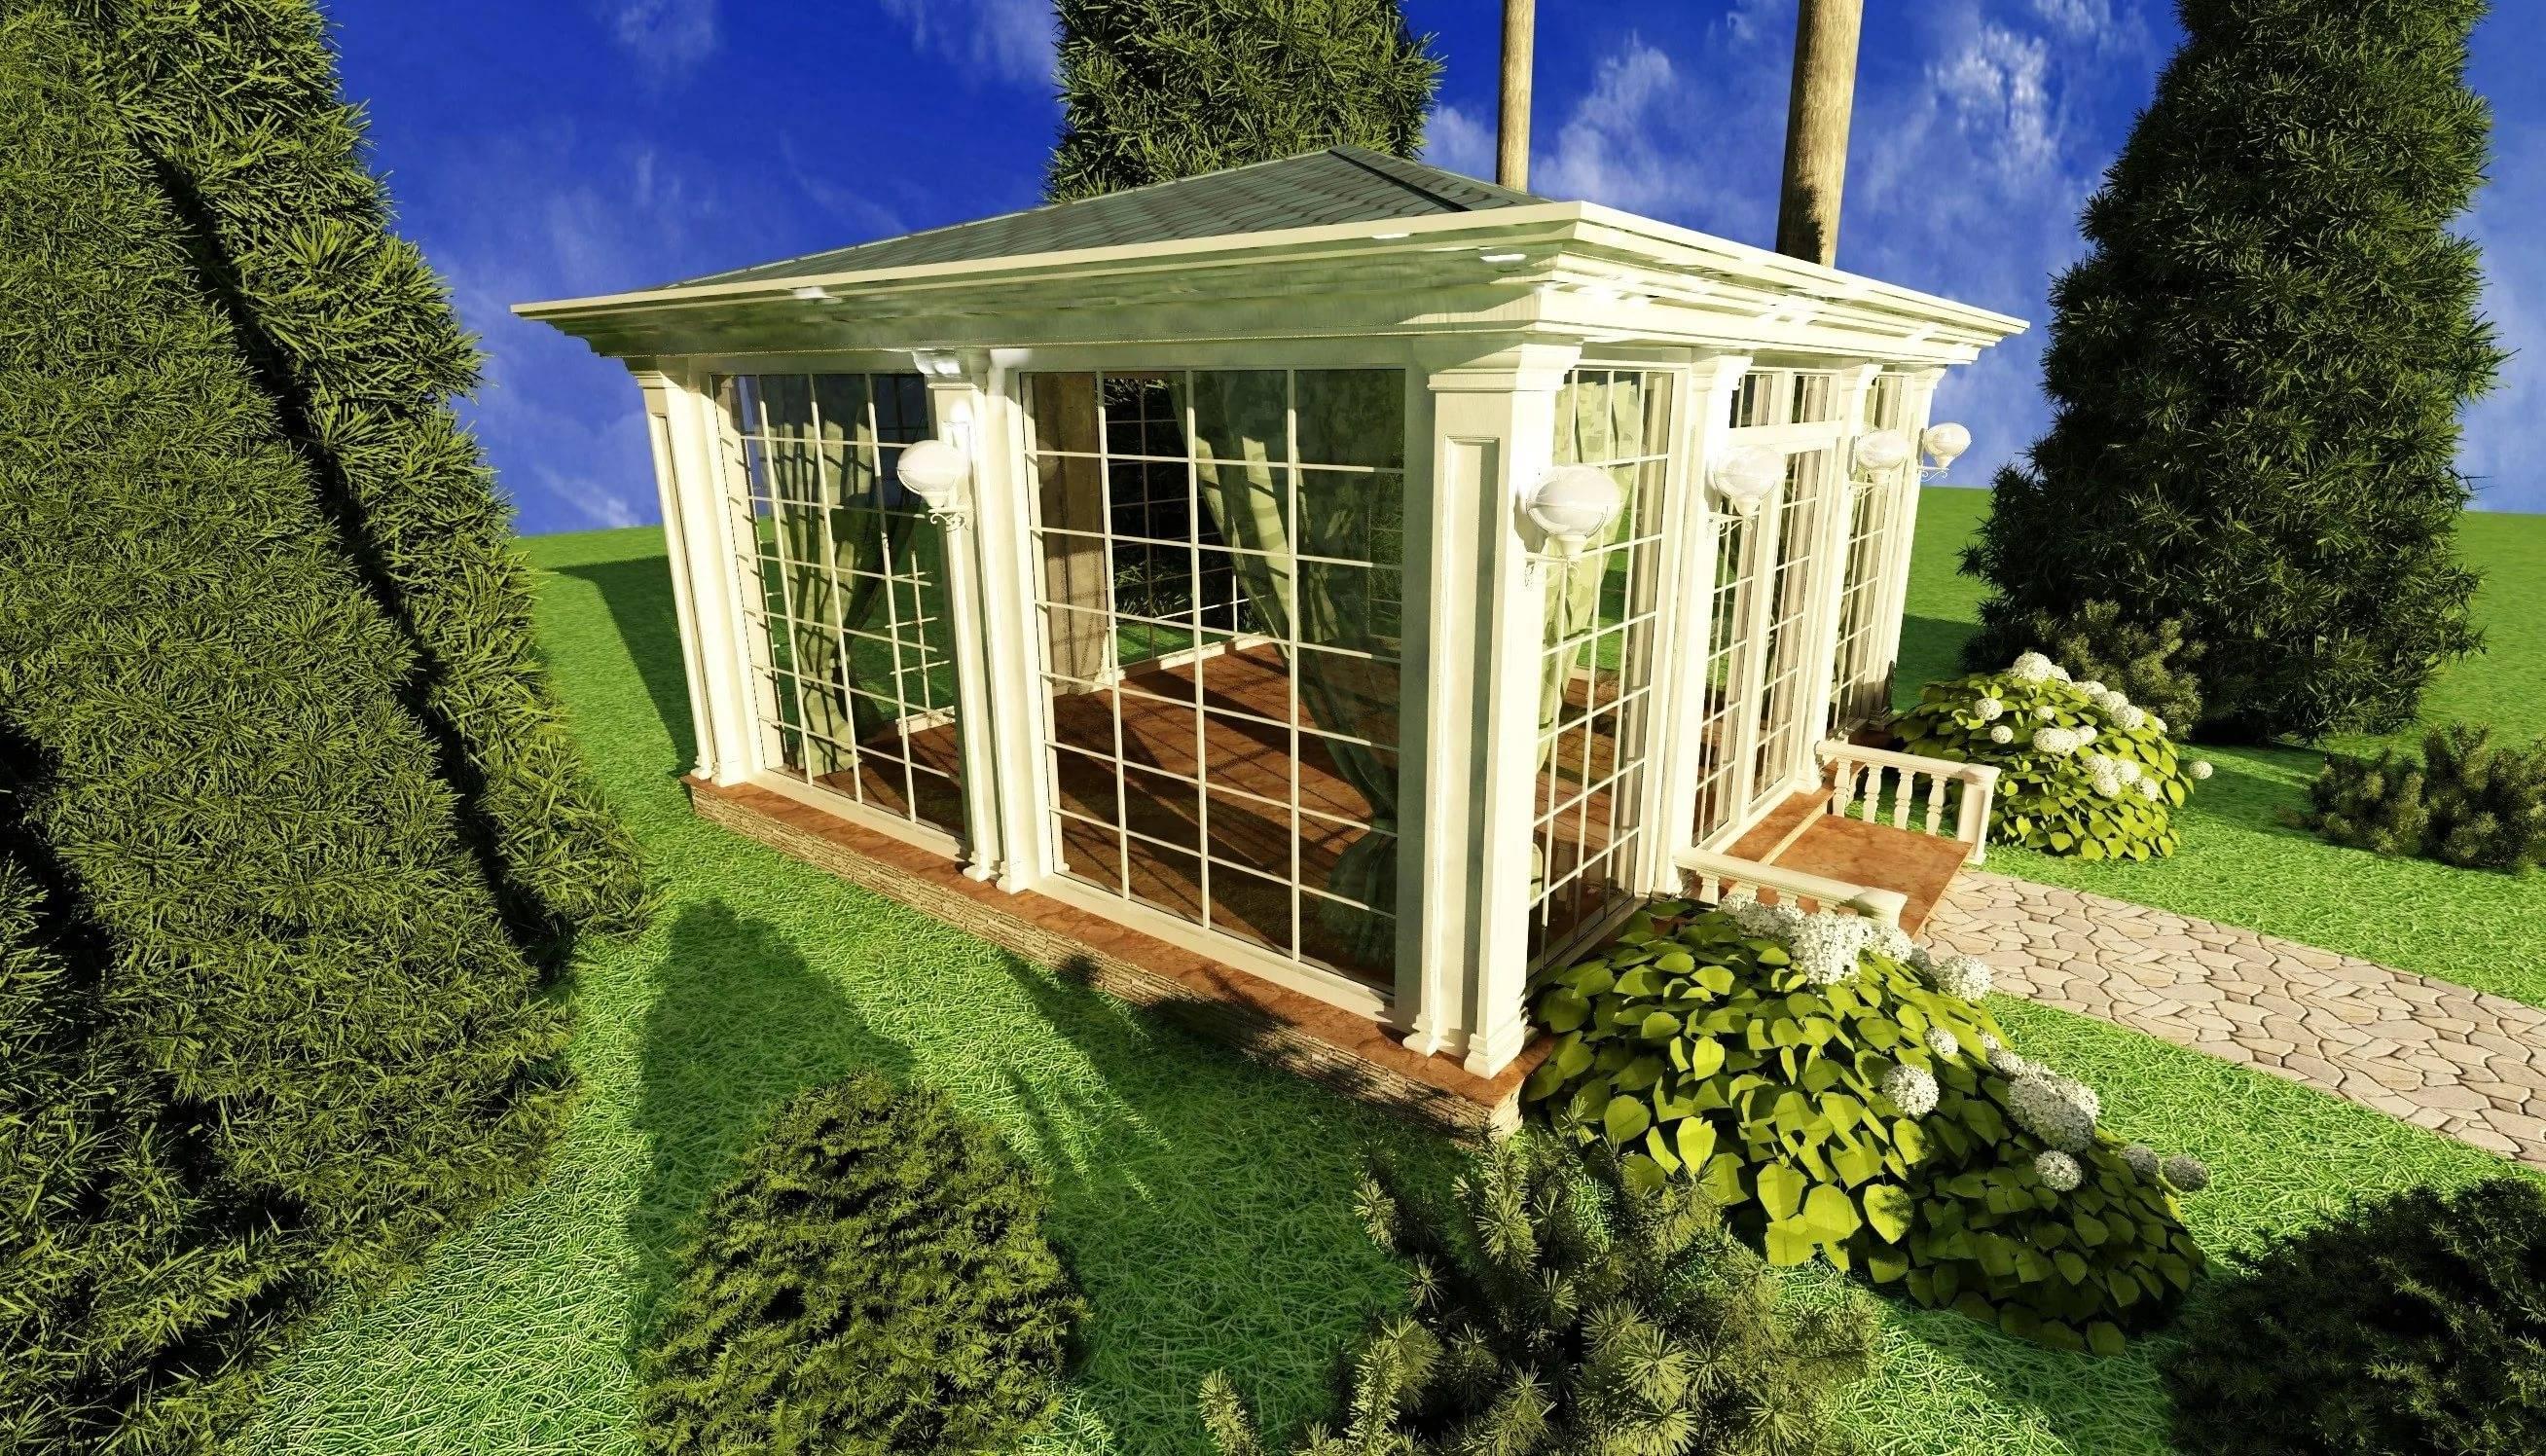 Закрытые беседки для дачи (71 фото): зимняя конструкция, дачные крытые беседки из бруса и стекла, бюджетные варианты, дизайн сооружения закрытого типа